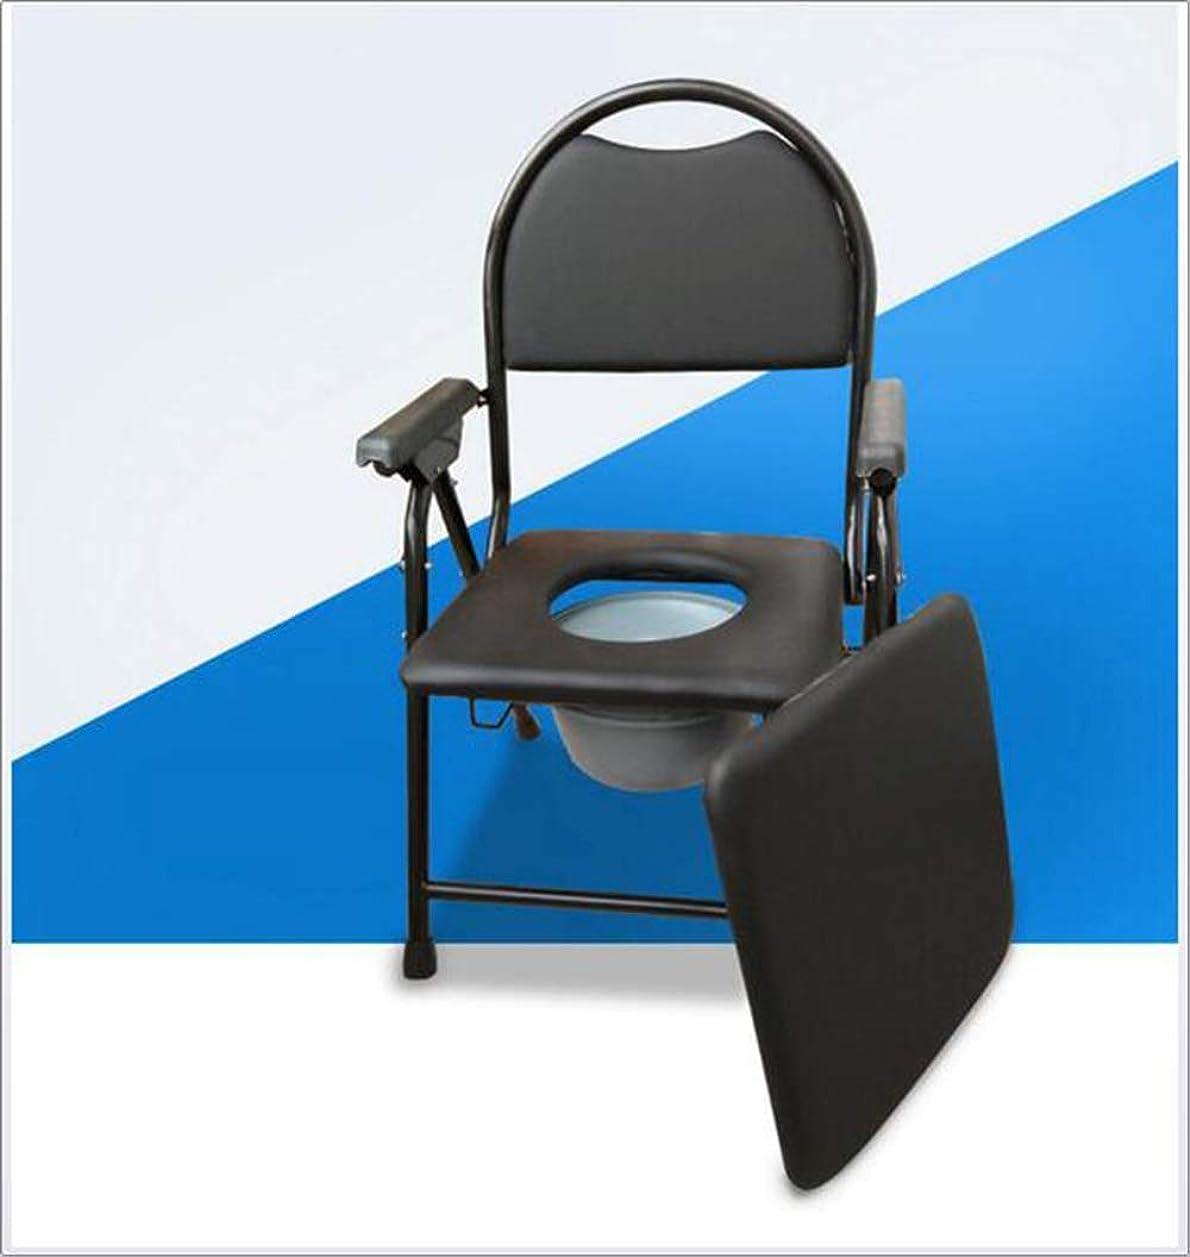 受取人バター翻訳する便器椅子専門医療援助高齢者障害者妊婦医療椅子リハビリチェア&バスシャワー便座